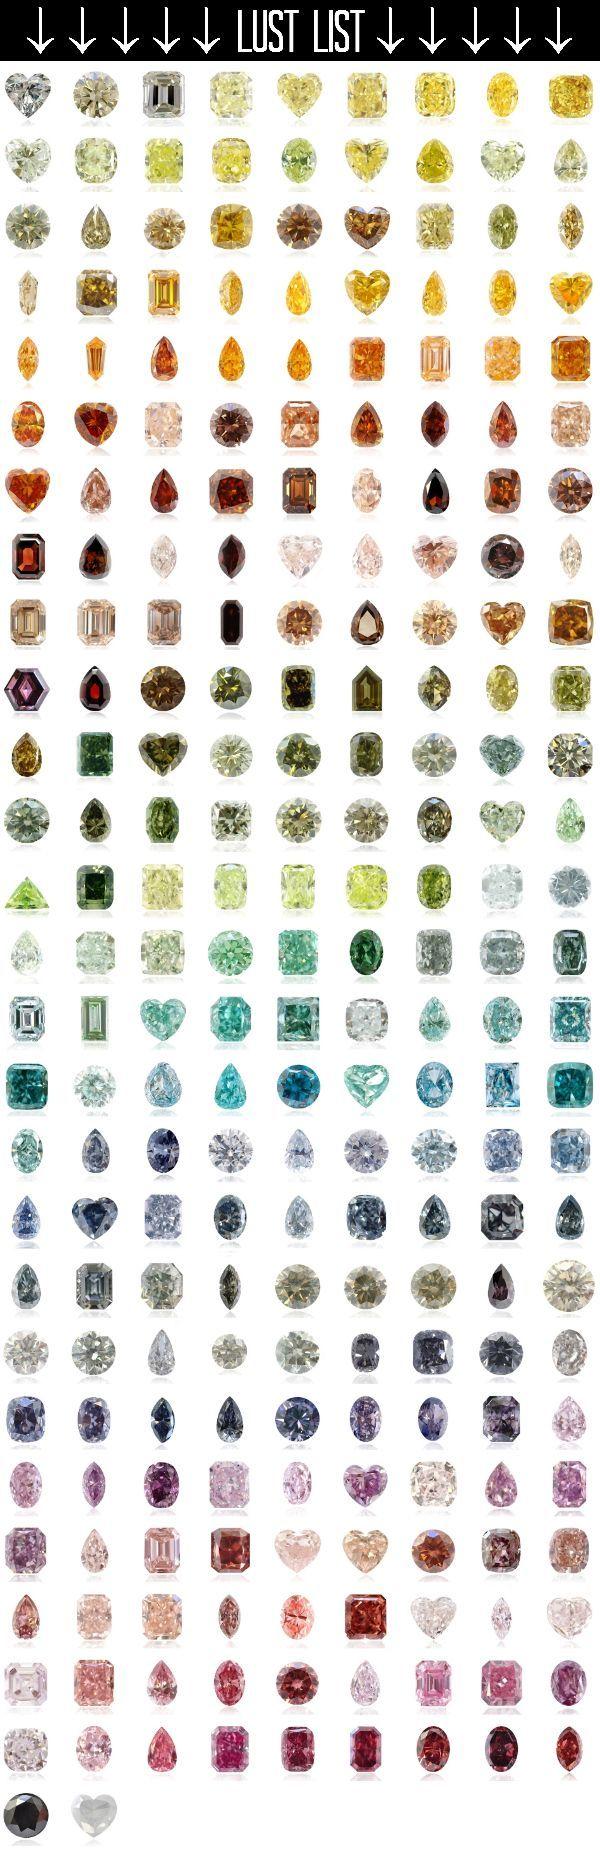 Argyle pink diamond references jewelry references pinterest argyle pink diamond references jewelry references pinterest argyle pink diamonds nvjuhfo Choice Image